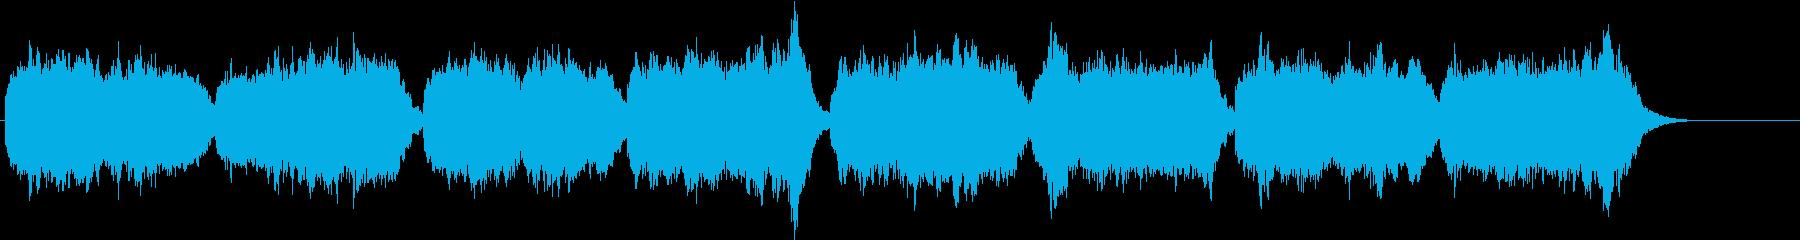 賛美歌いつくしみ深き オルガン&コーラスの再生済みの波形